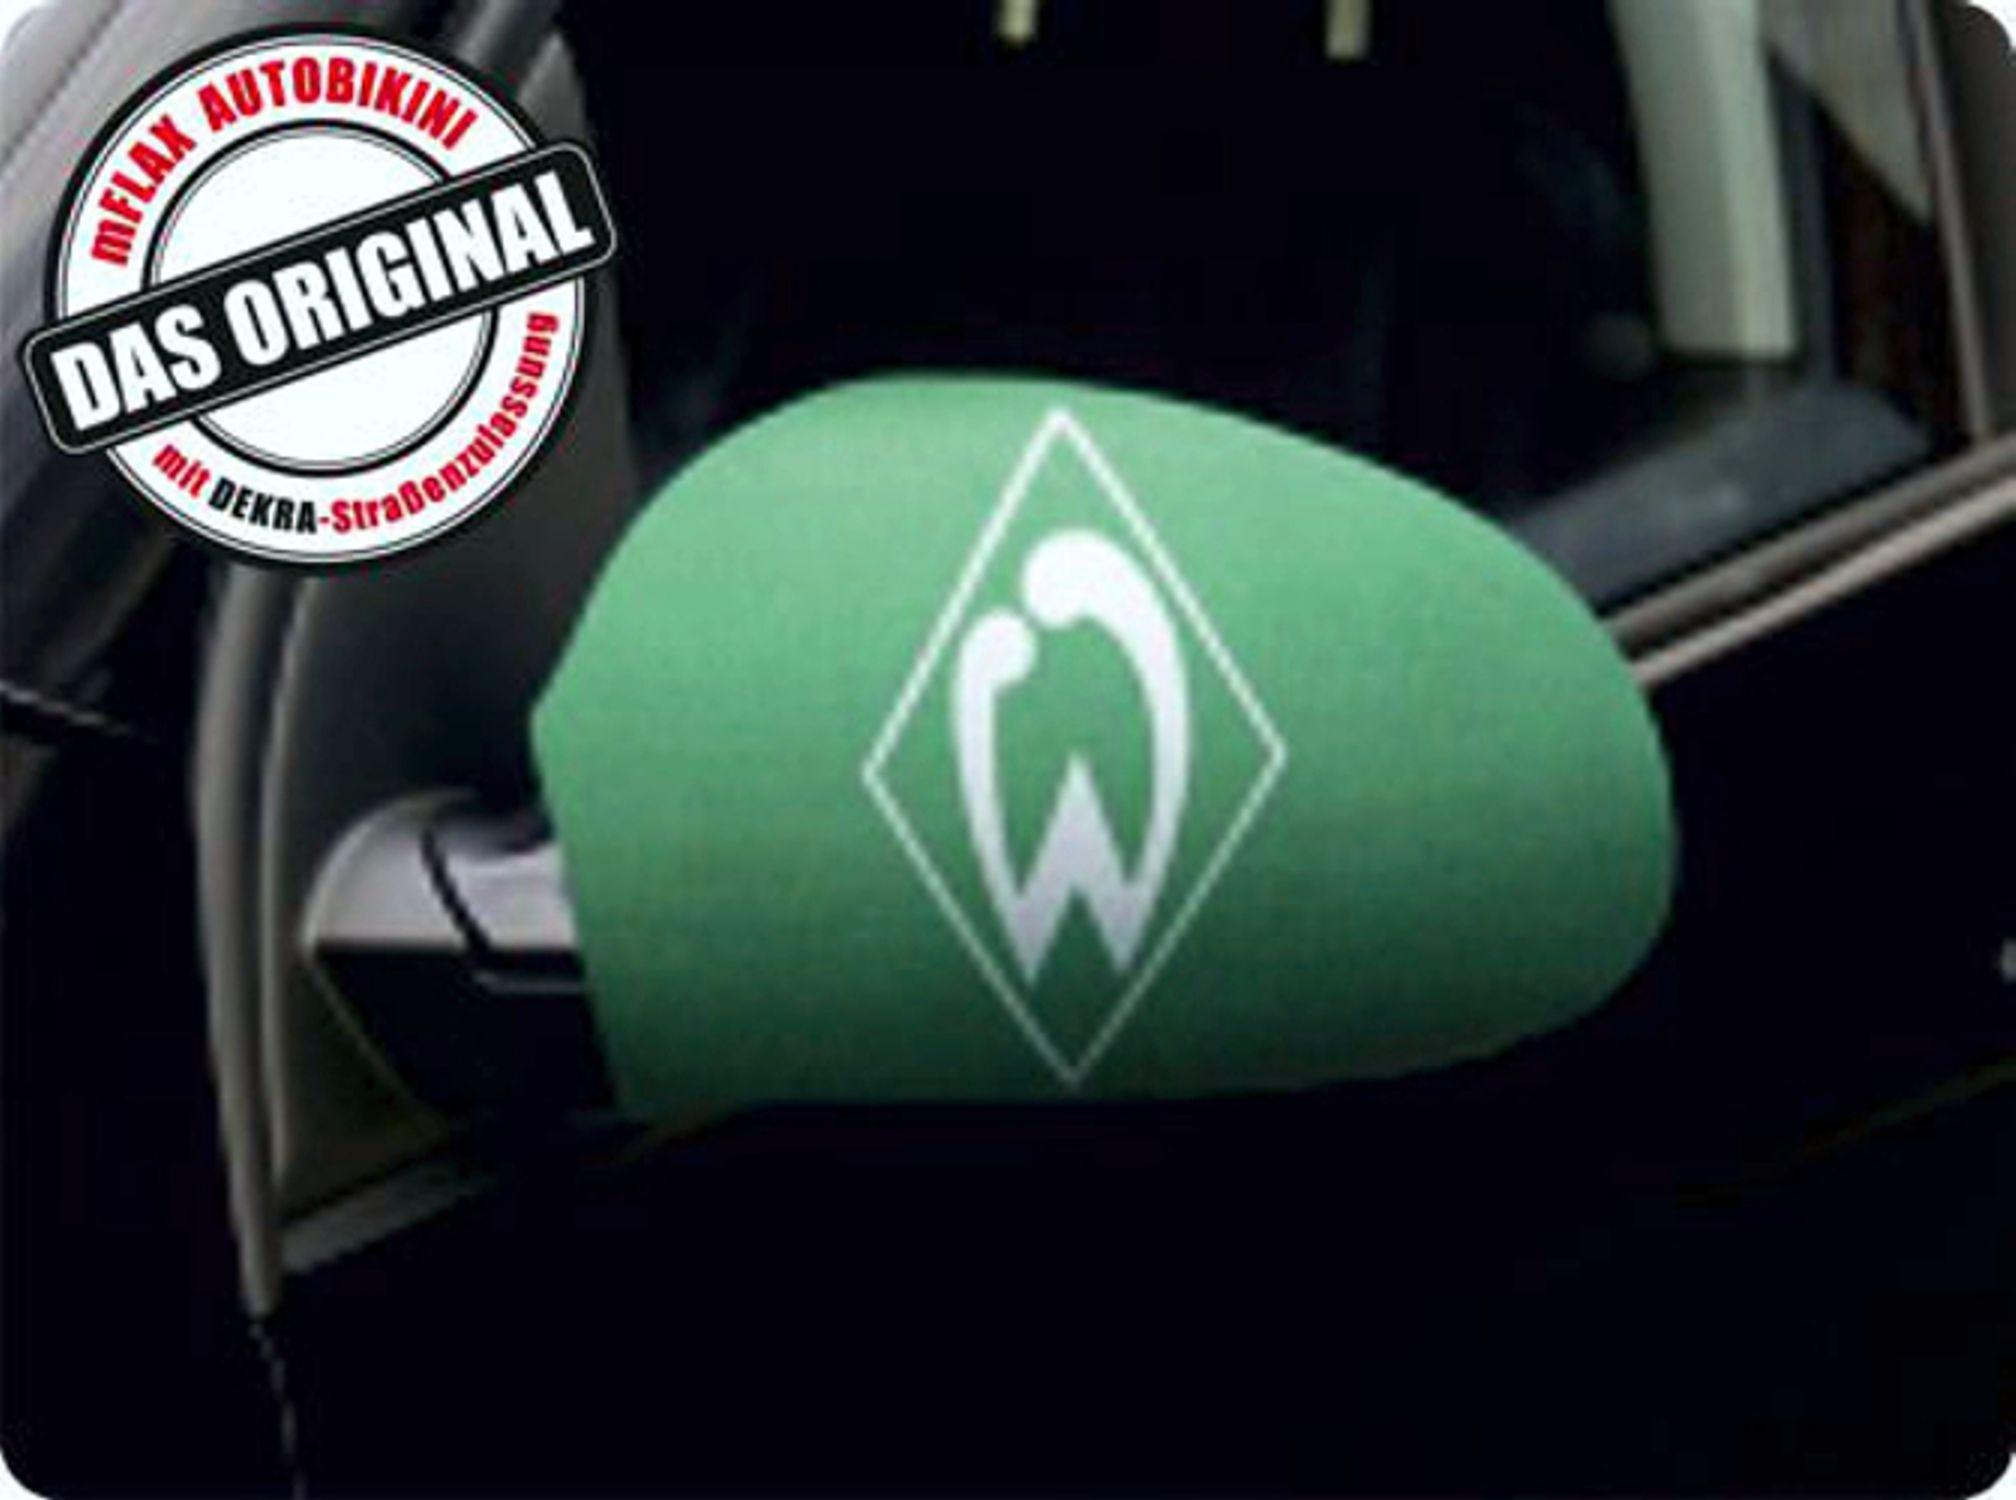 Außenspiegelflagge CarBikini 2er-Set Bundesliga SV Werder Bremen – Bild 1